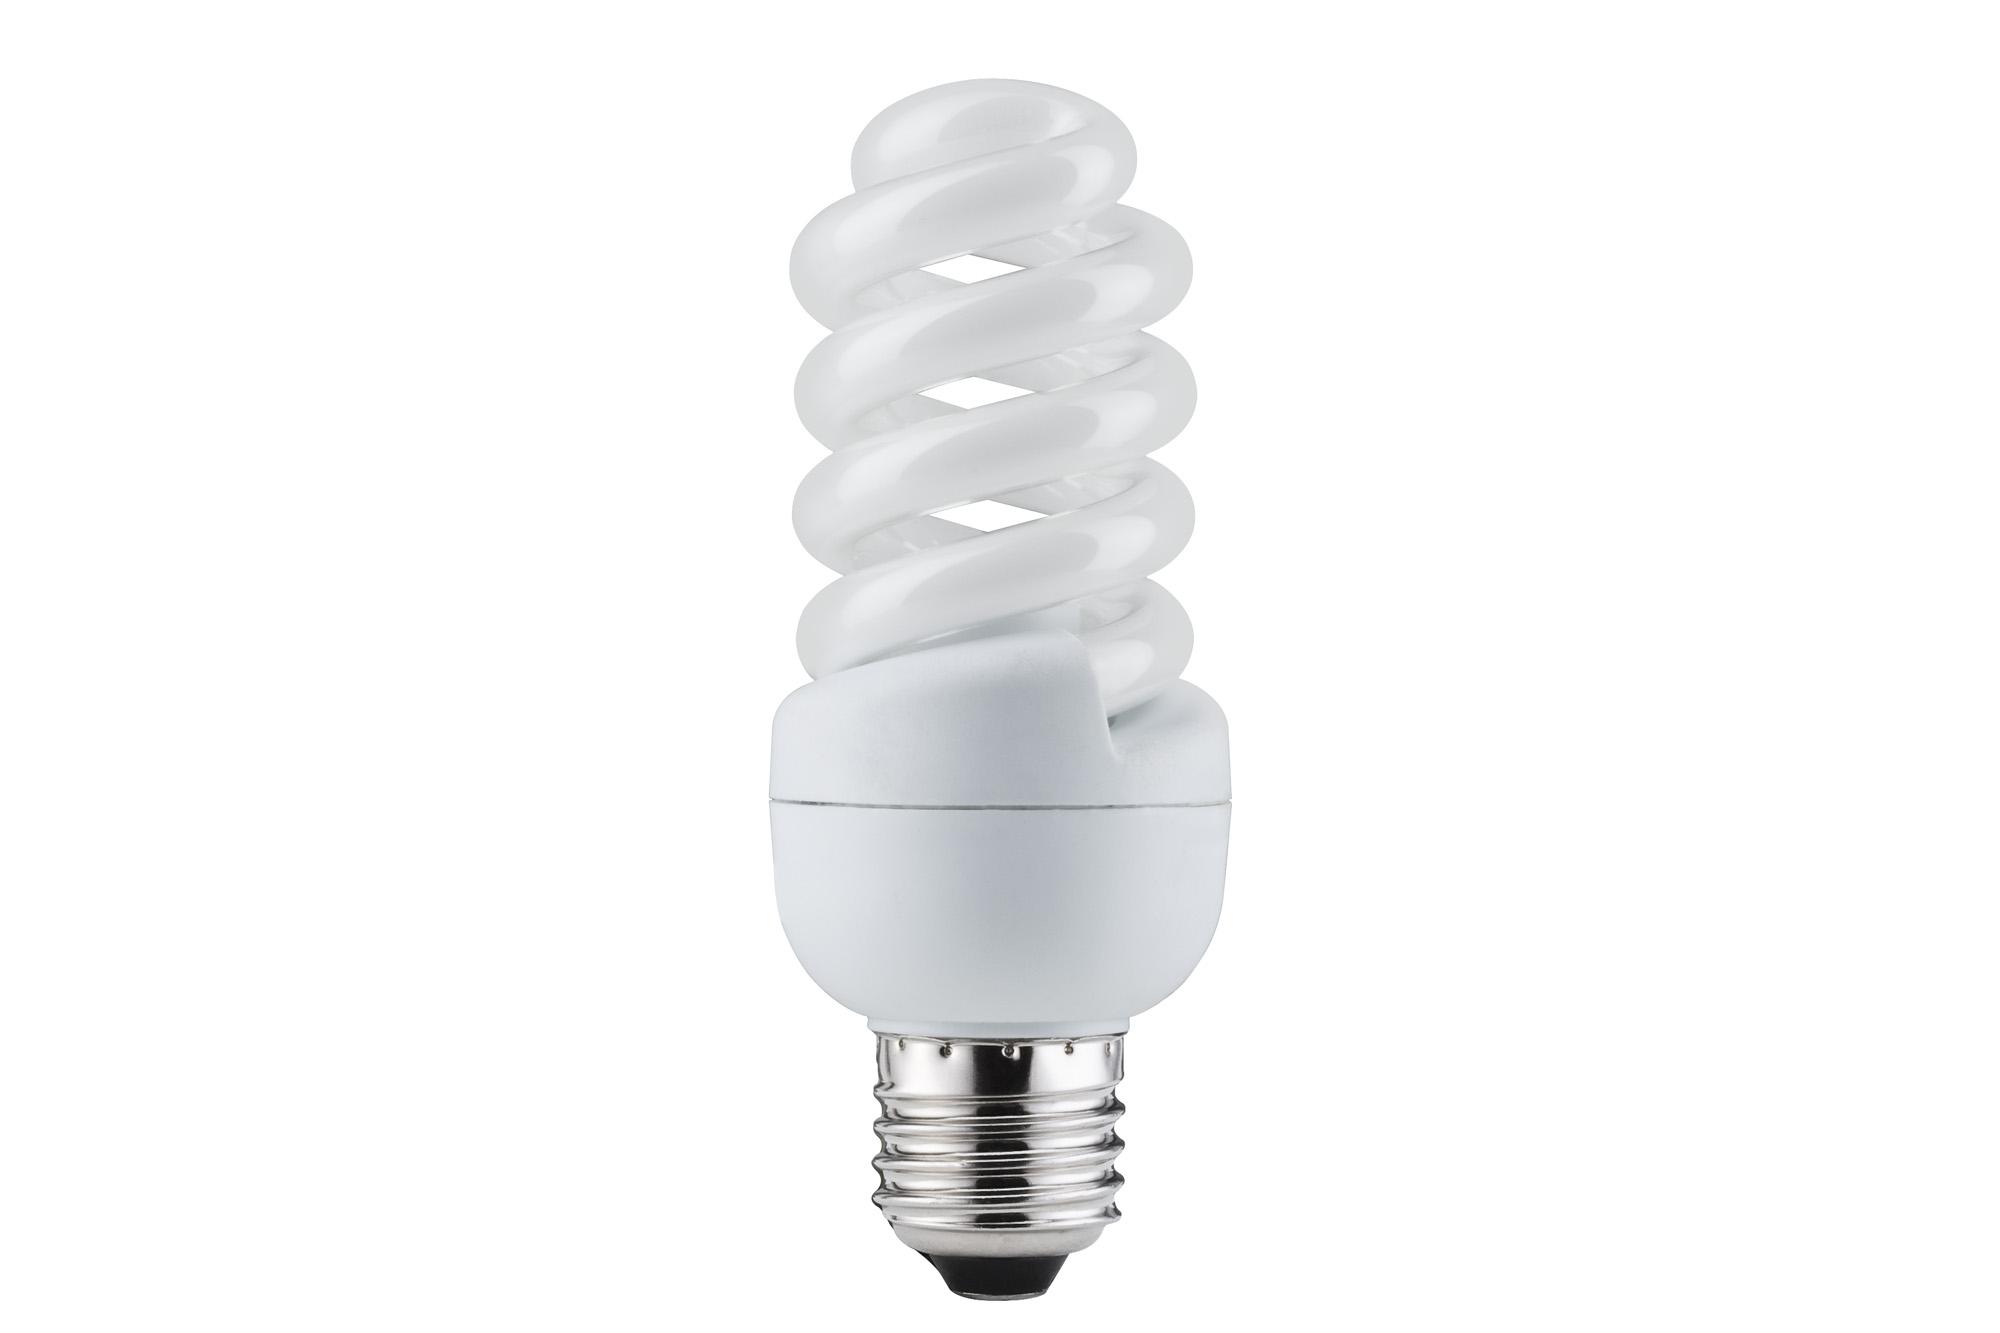 Energiesparlampe